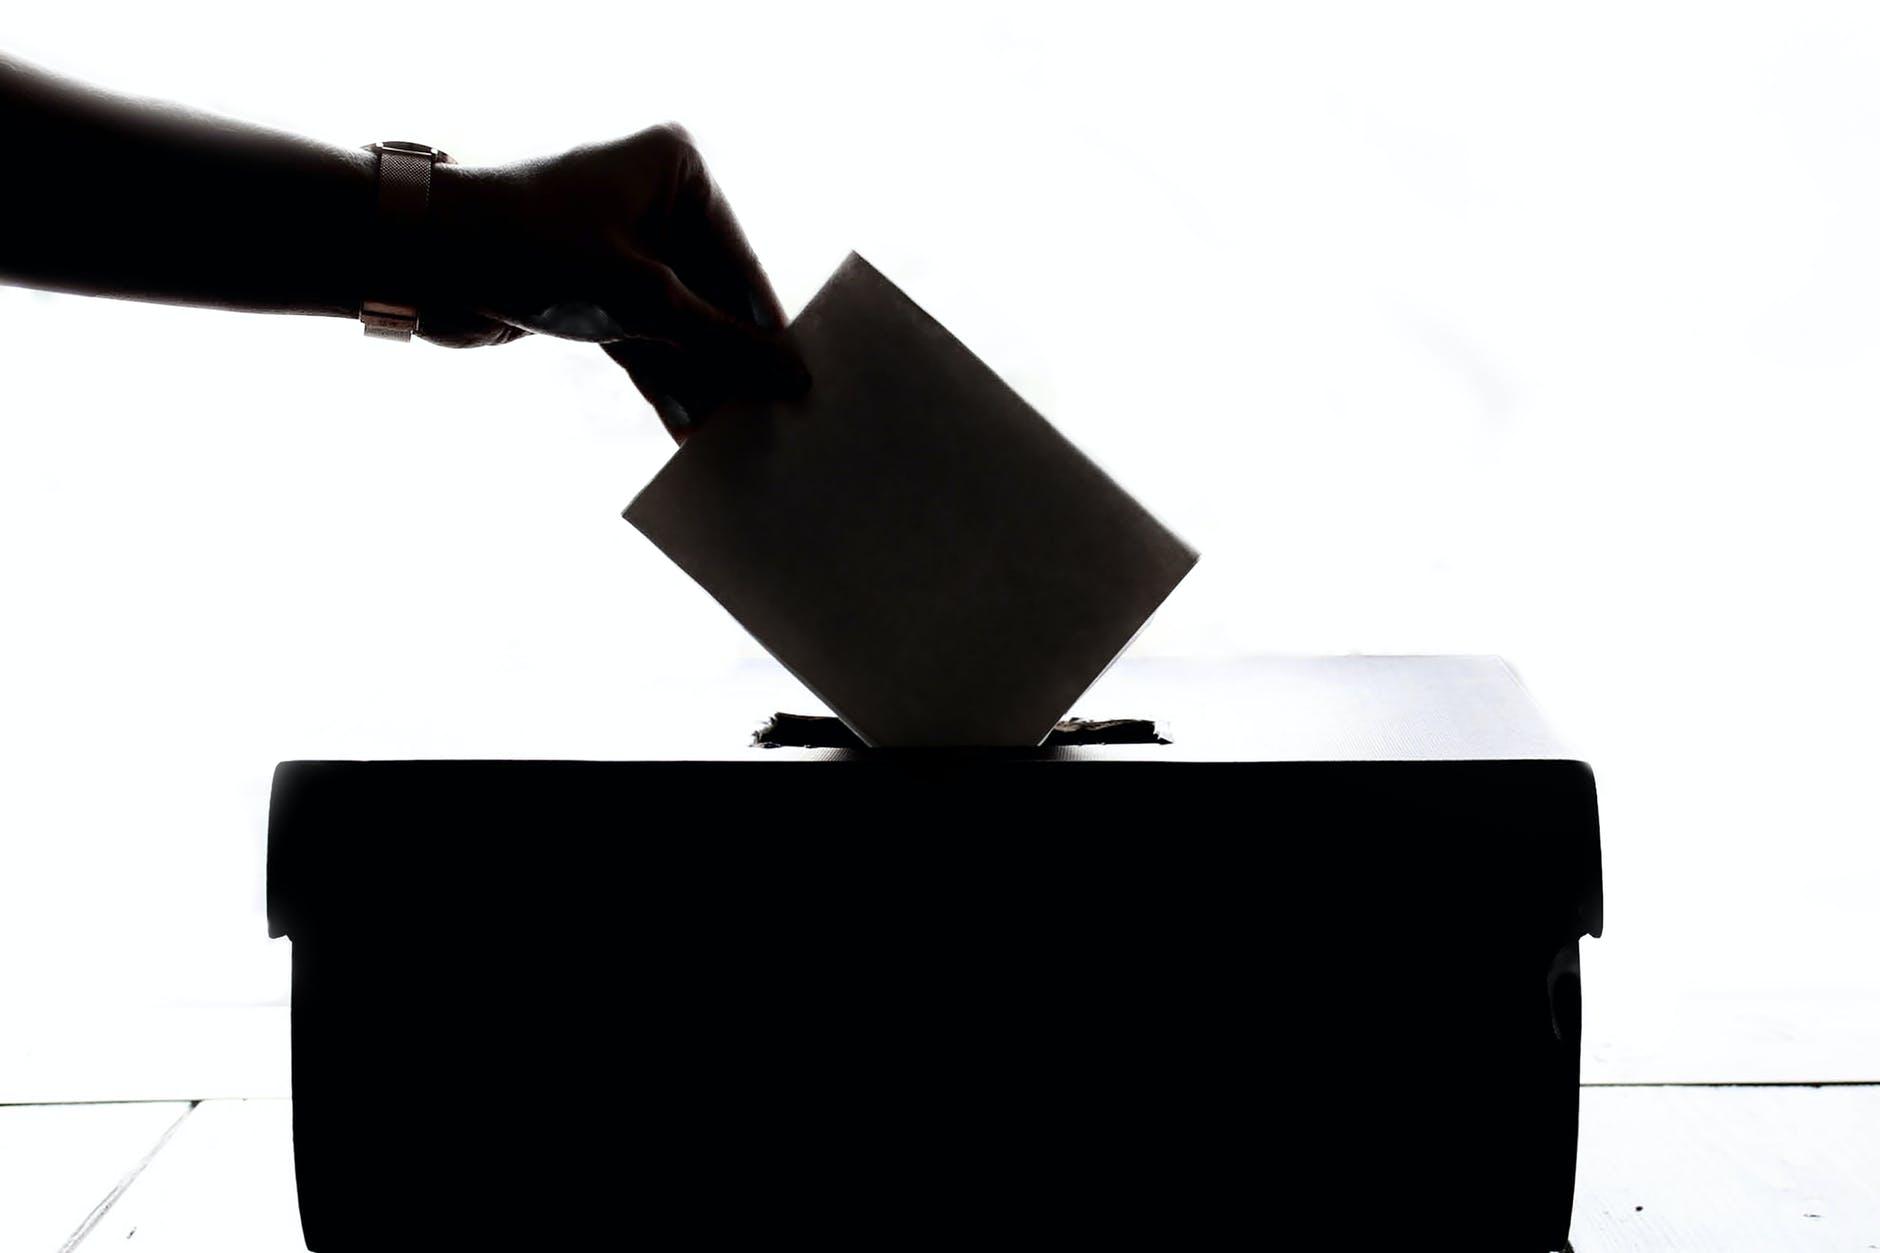 Novo Código Eleitoral aprovado pela Câmara obriga fintechs a abrir contas para partidos políticos e candidatos